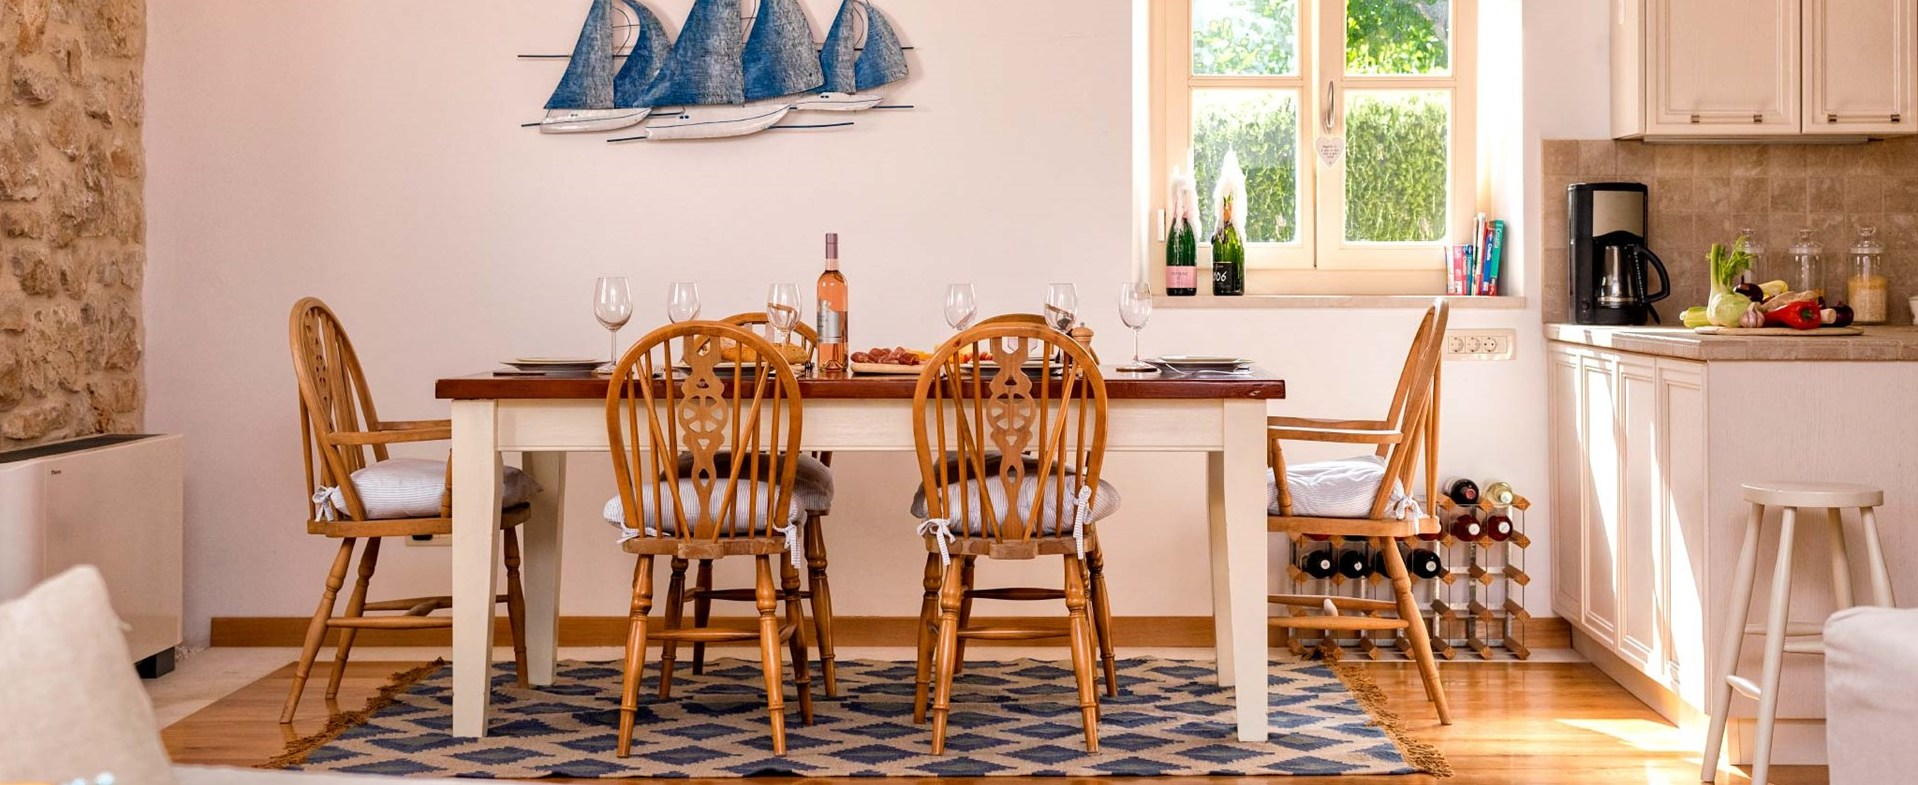 5-bedroom-family-villa-hvar